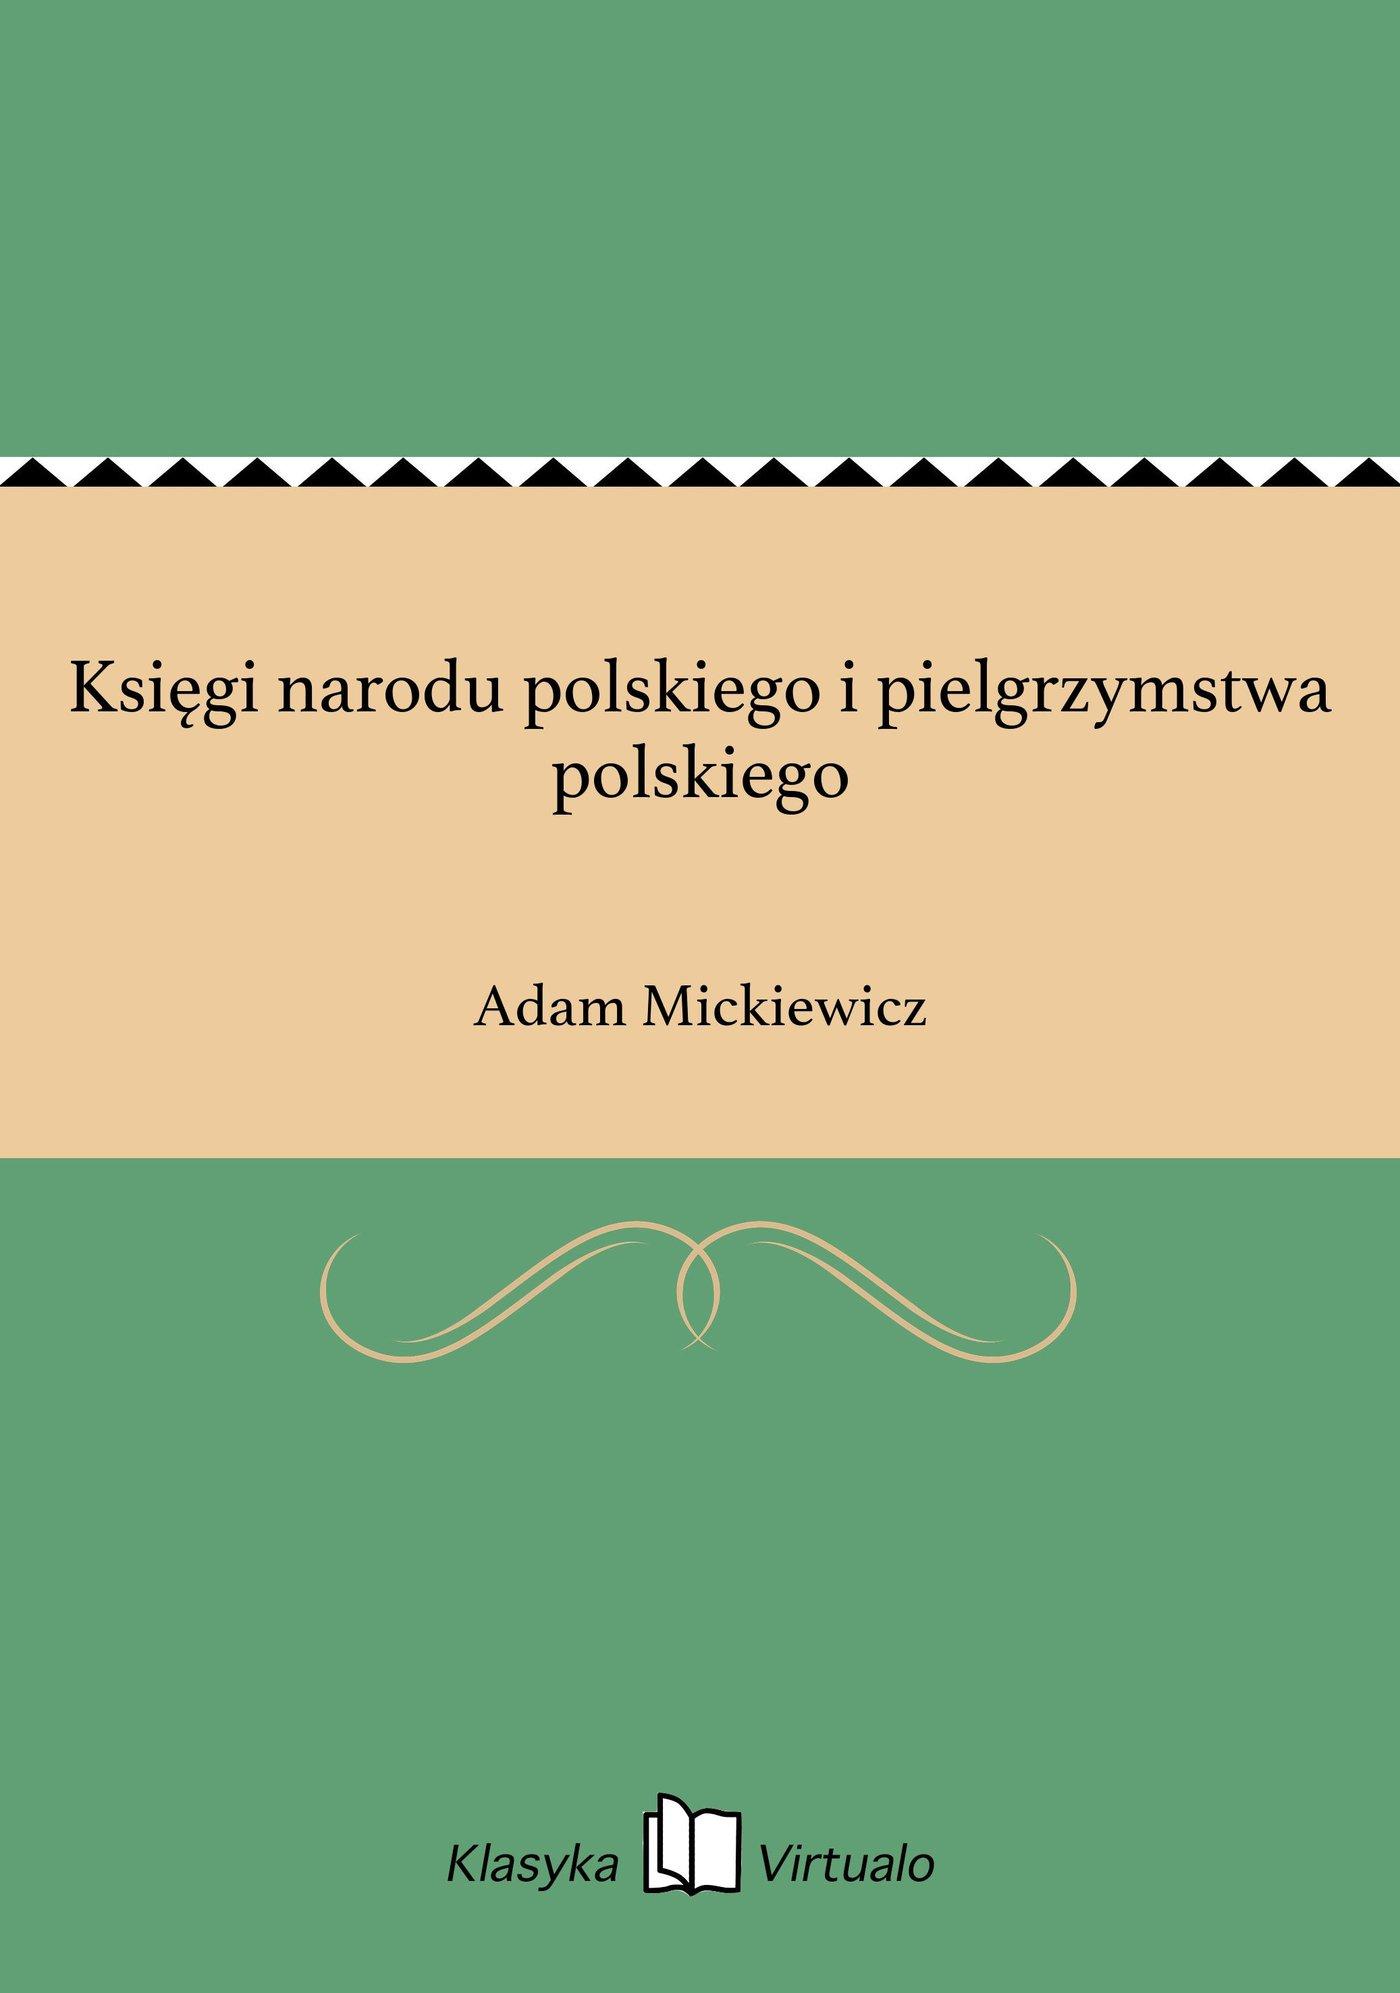 Księgi narodu polskiego i pielgrzymstwa polskiego - Ebook (Książka EPUB) do pobrania w formacie EPUB